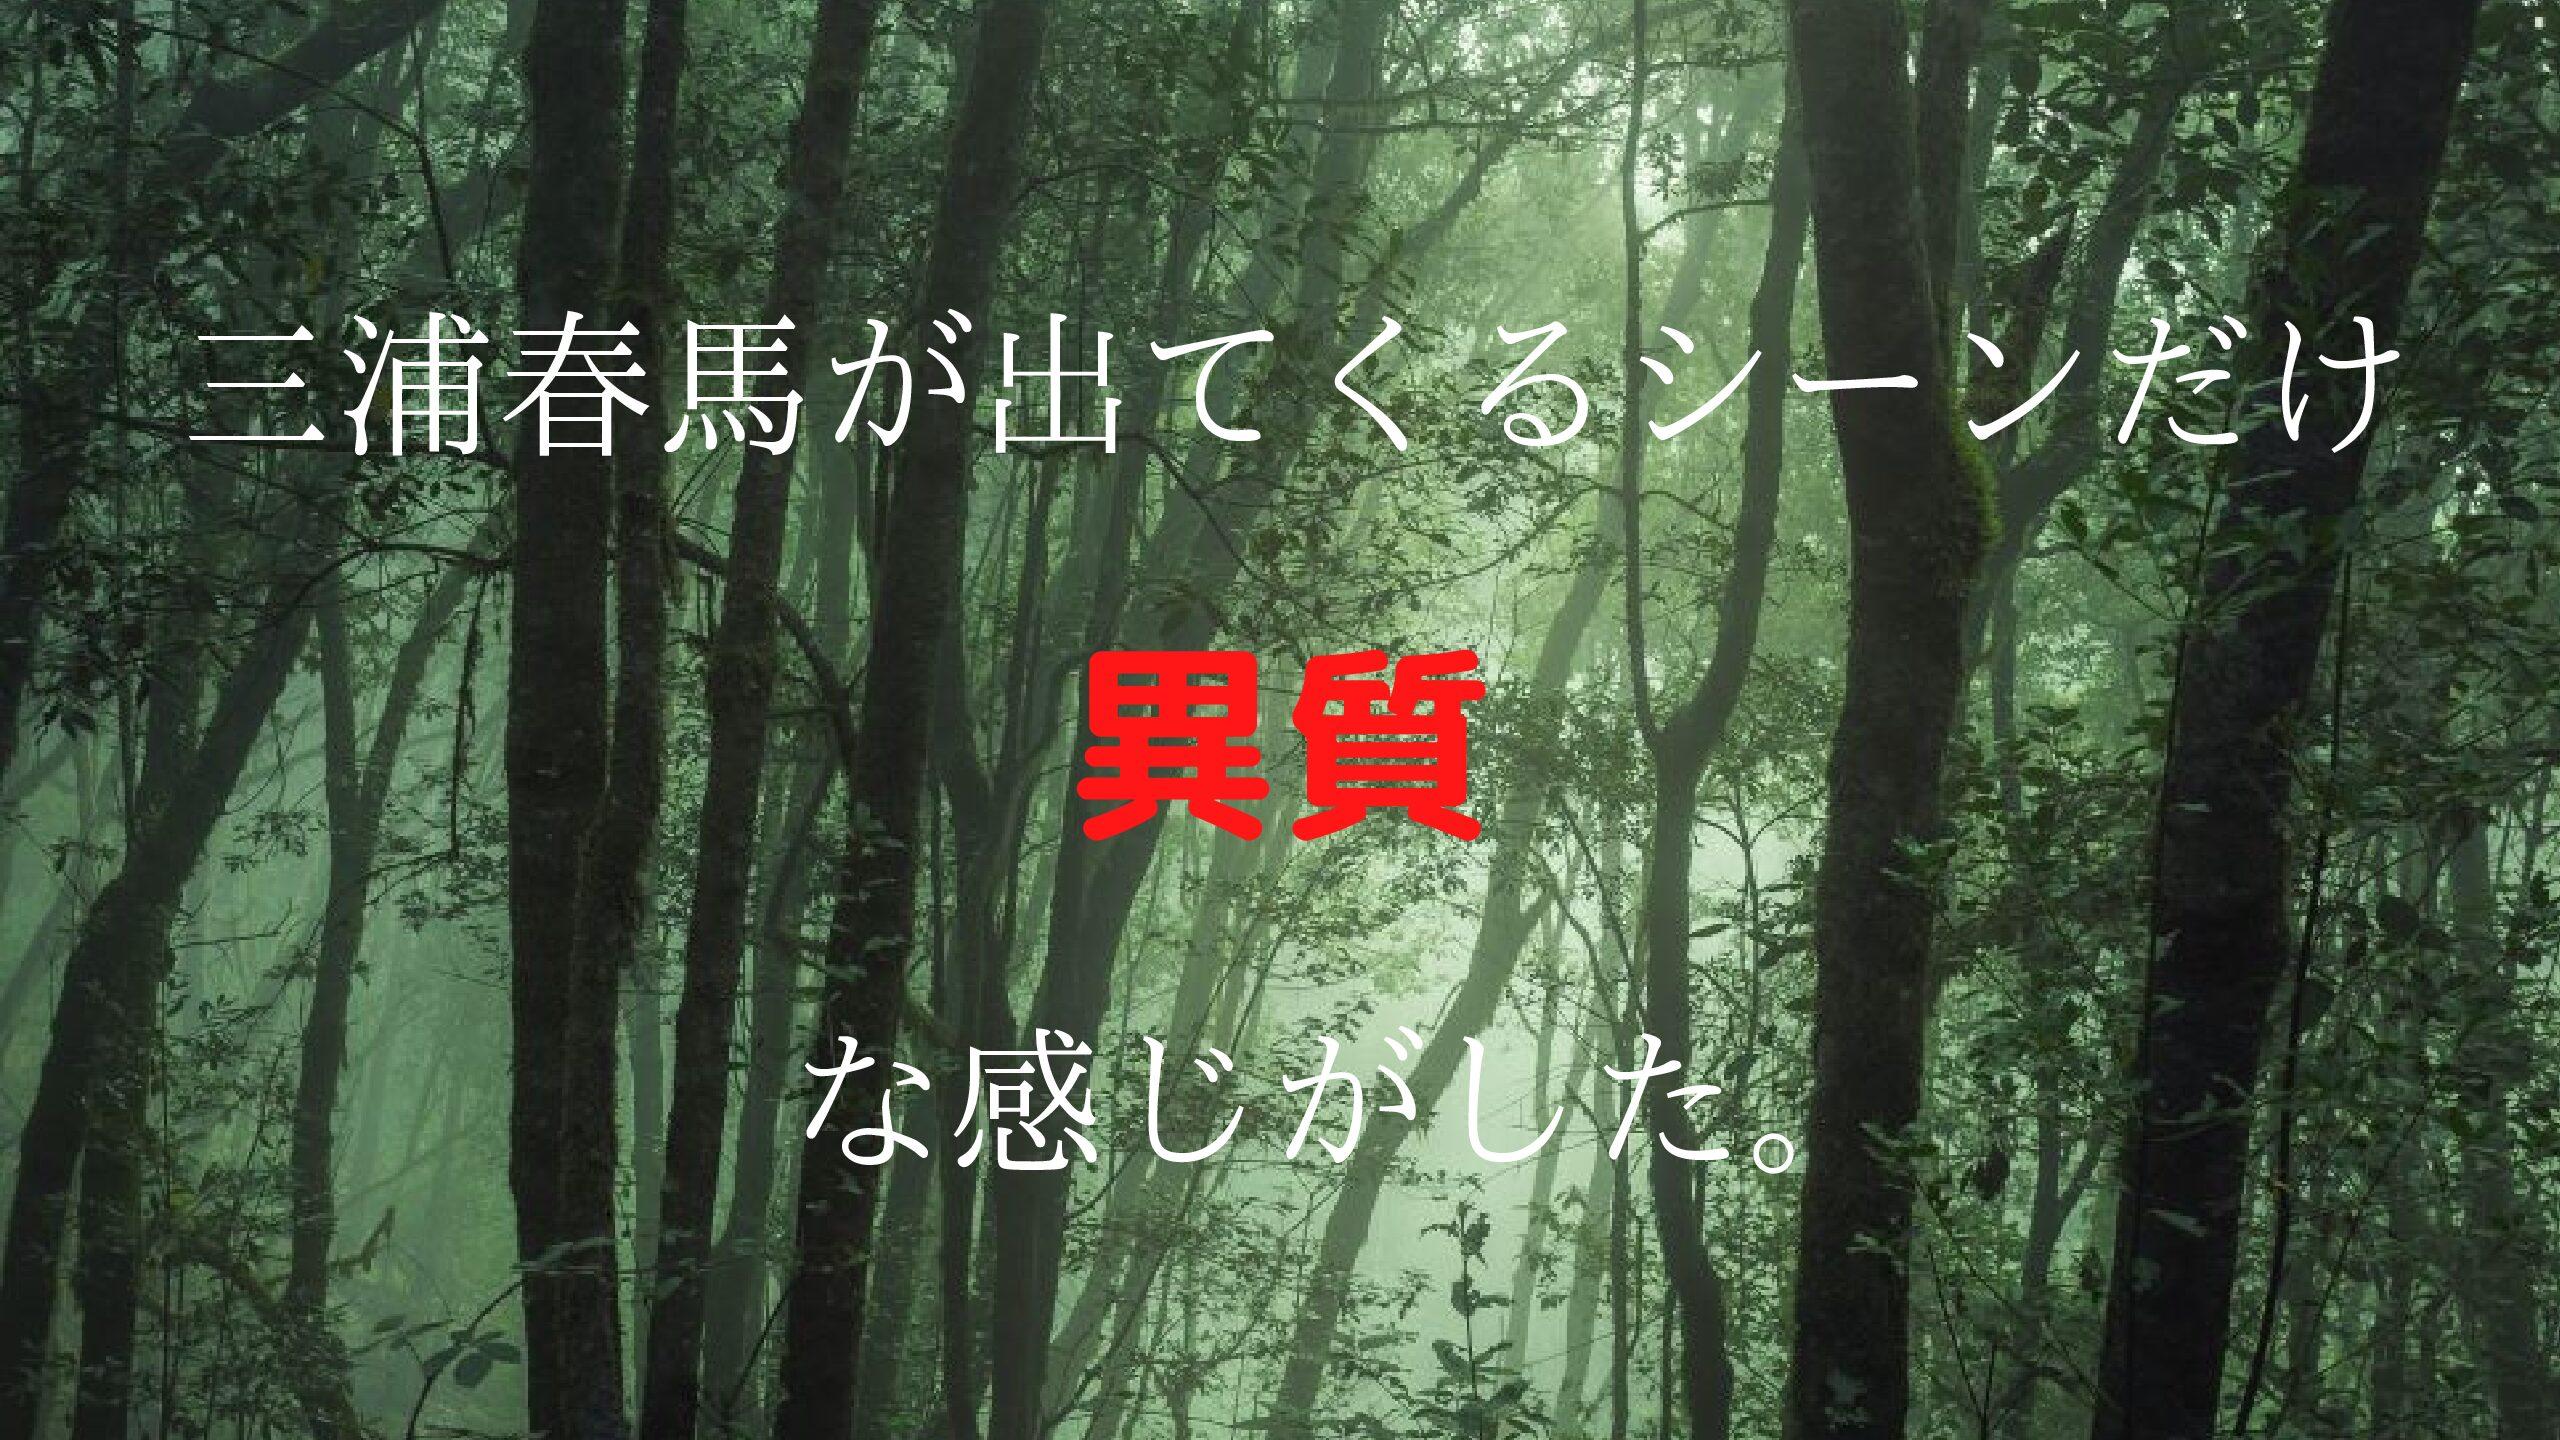 【映画】『ブレイブ ー群青戦記ー』を観ての感想【レビュー】